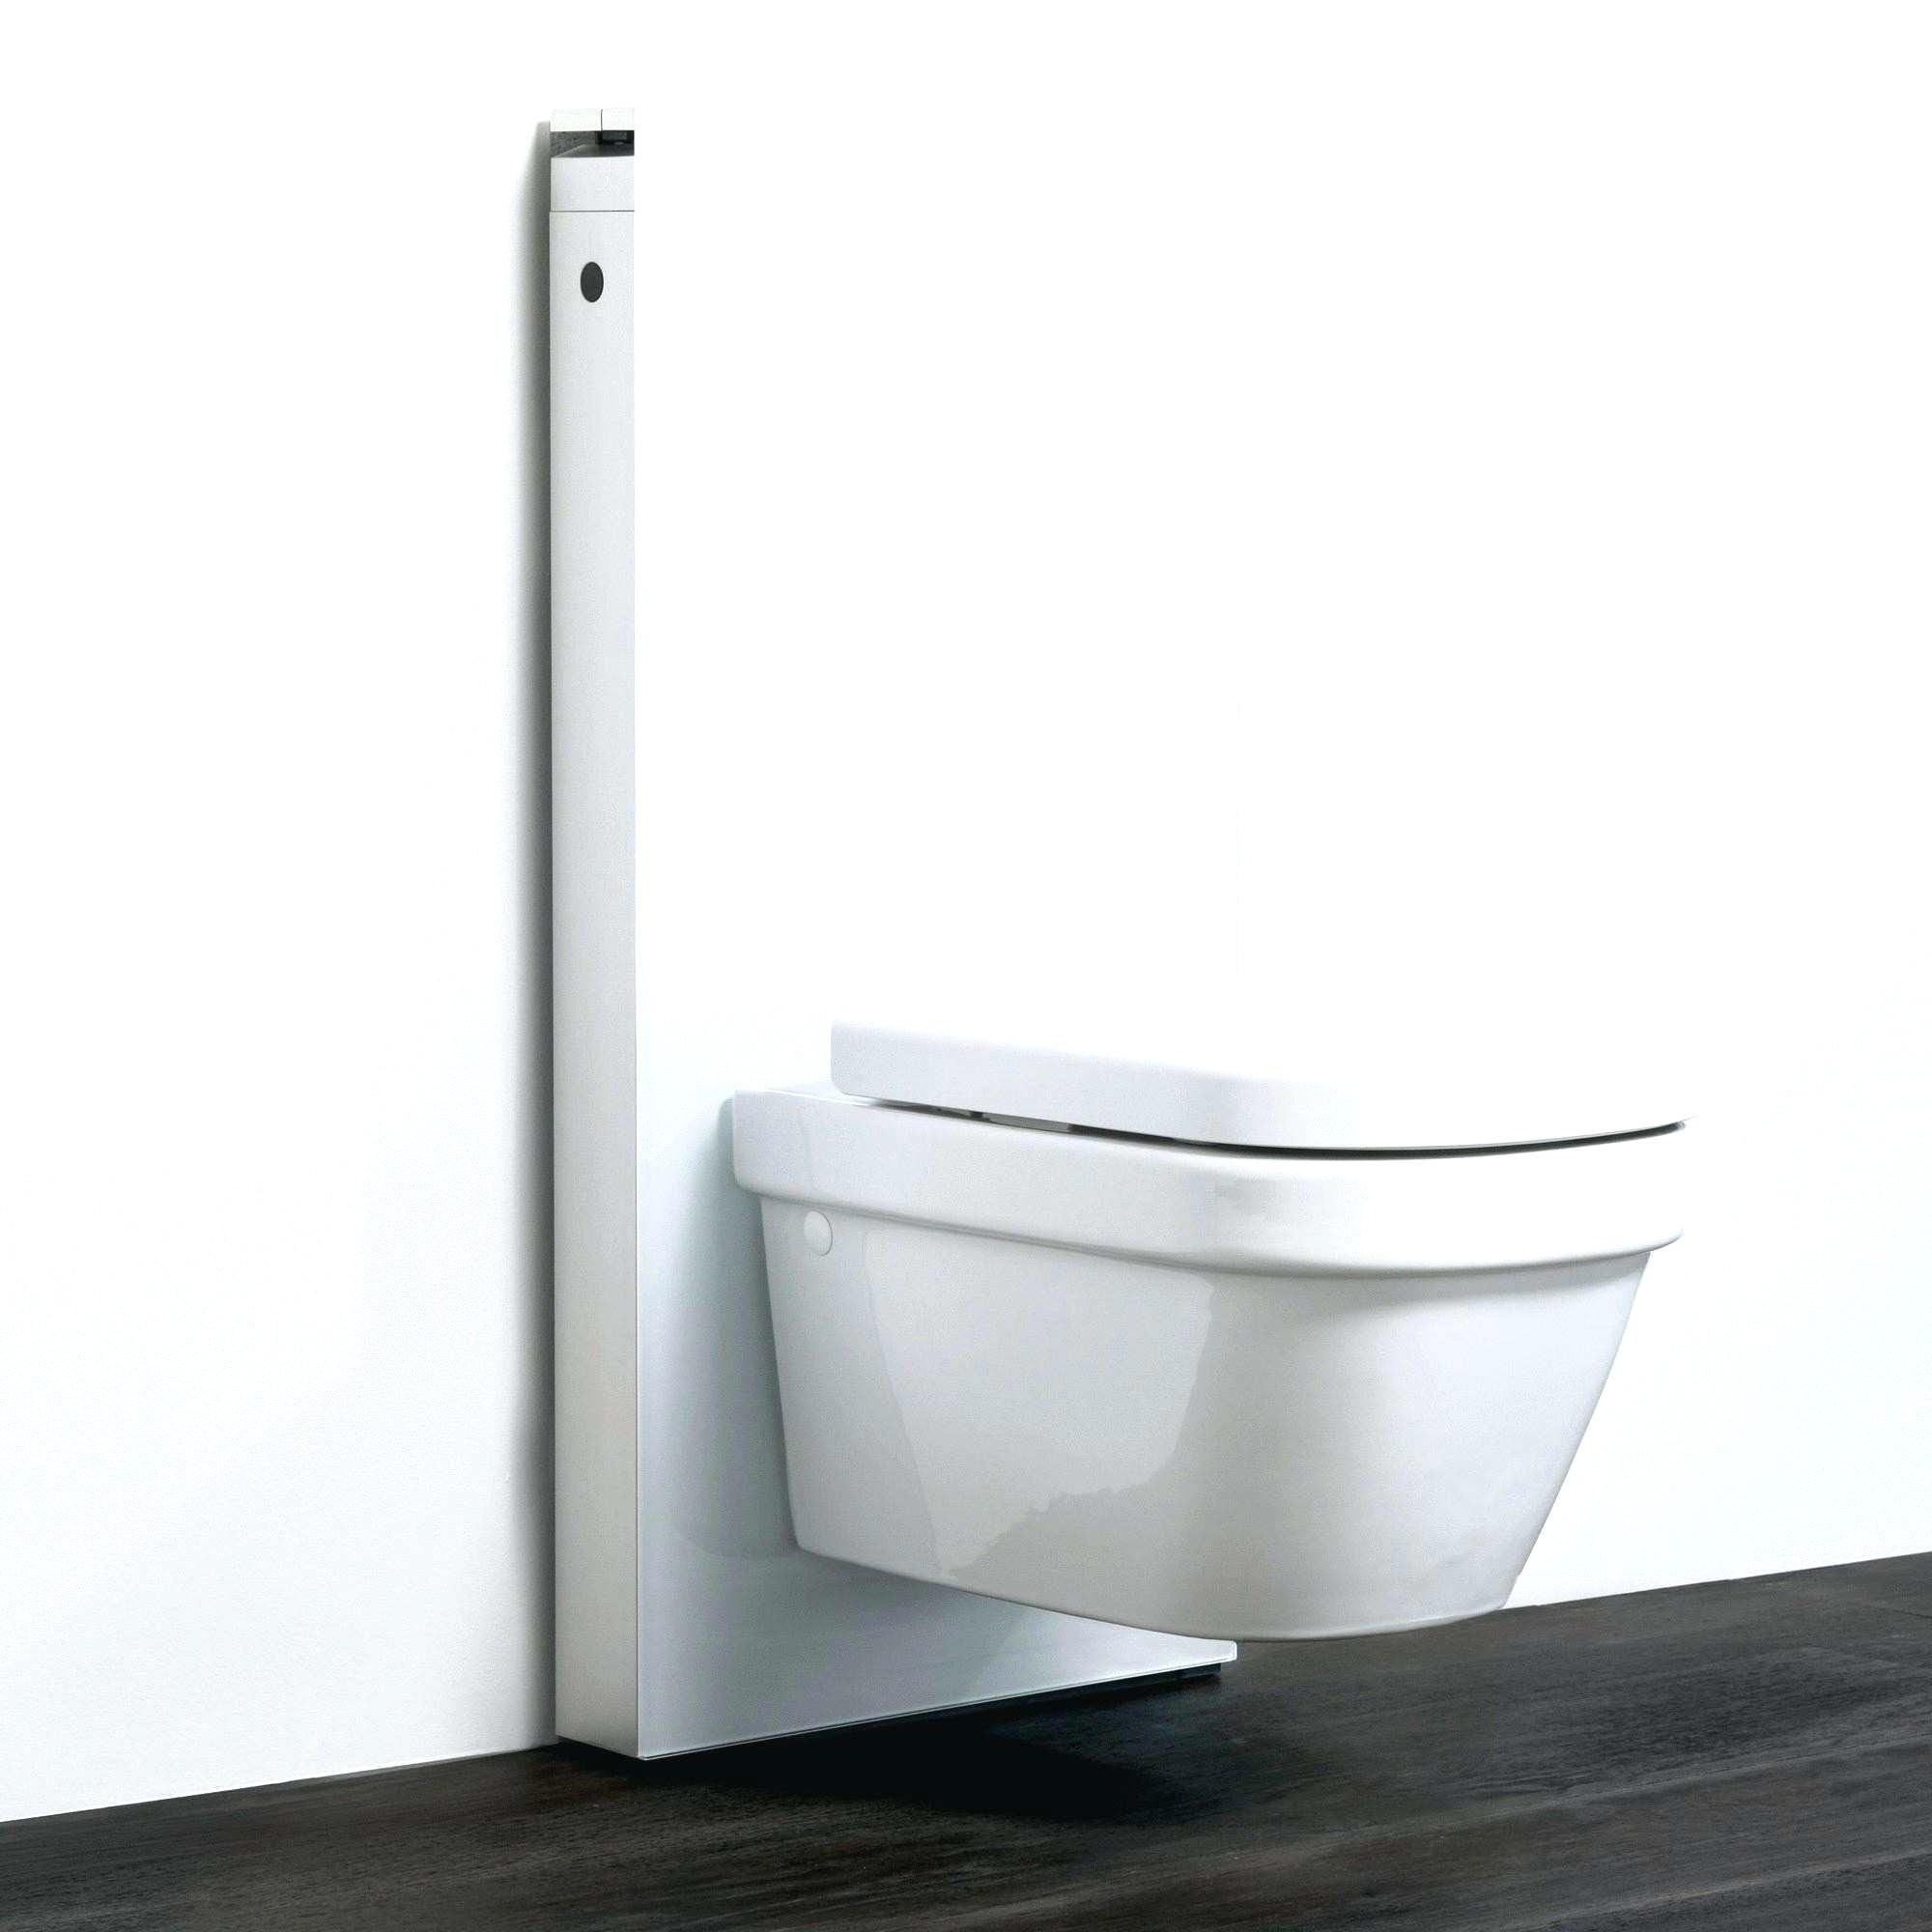 Bouton Chasse Deau Castorama Zelena Avec Bouton Chasse D pour Toilette Suspendu Castorama